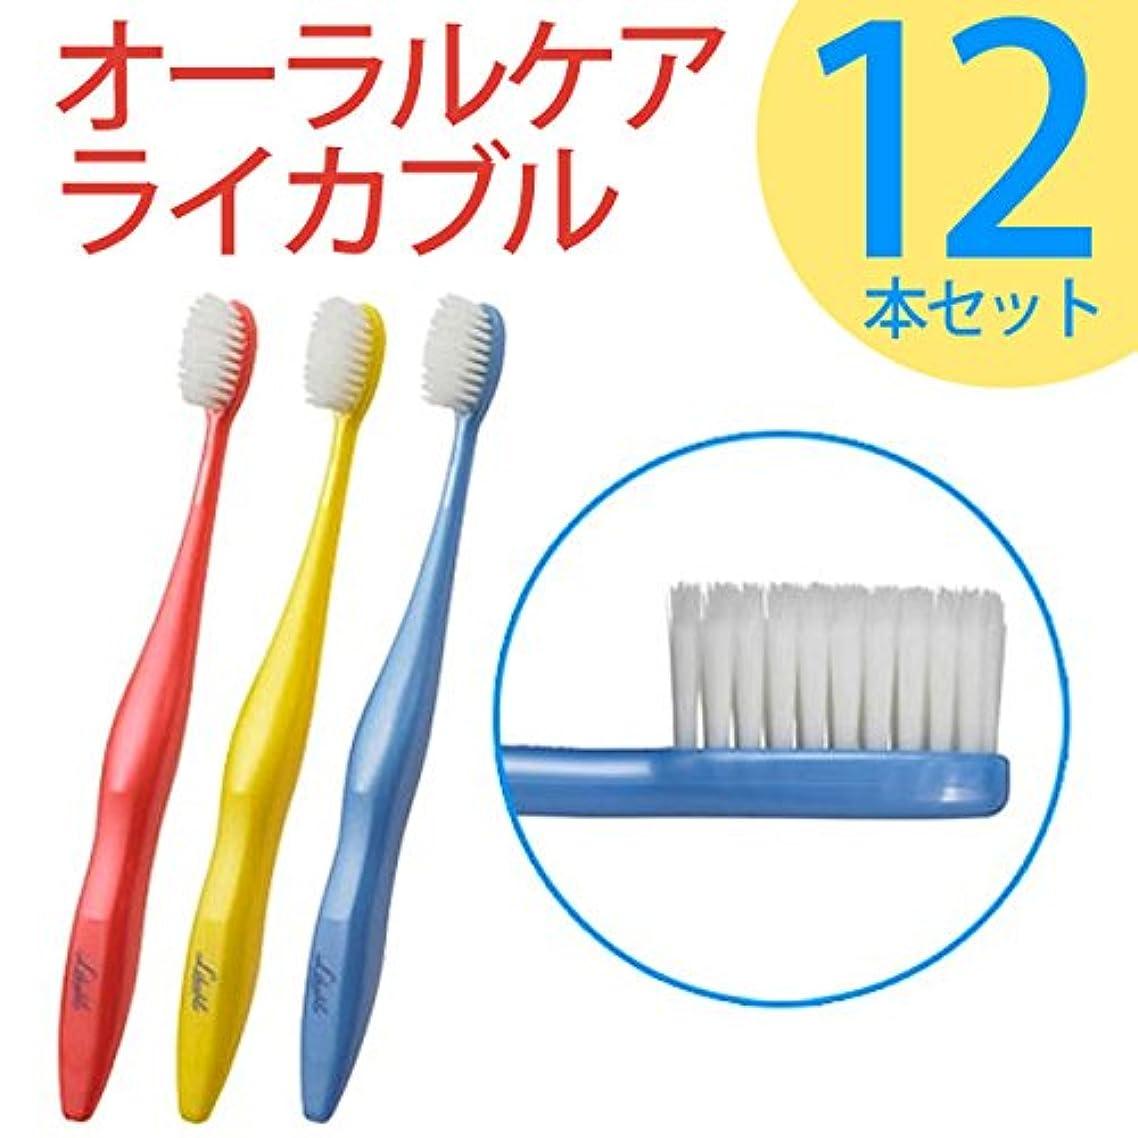 文房具送信する噴火ライカブル ライカブル メンテナンス用 歯ブラシ 12本セット